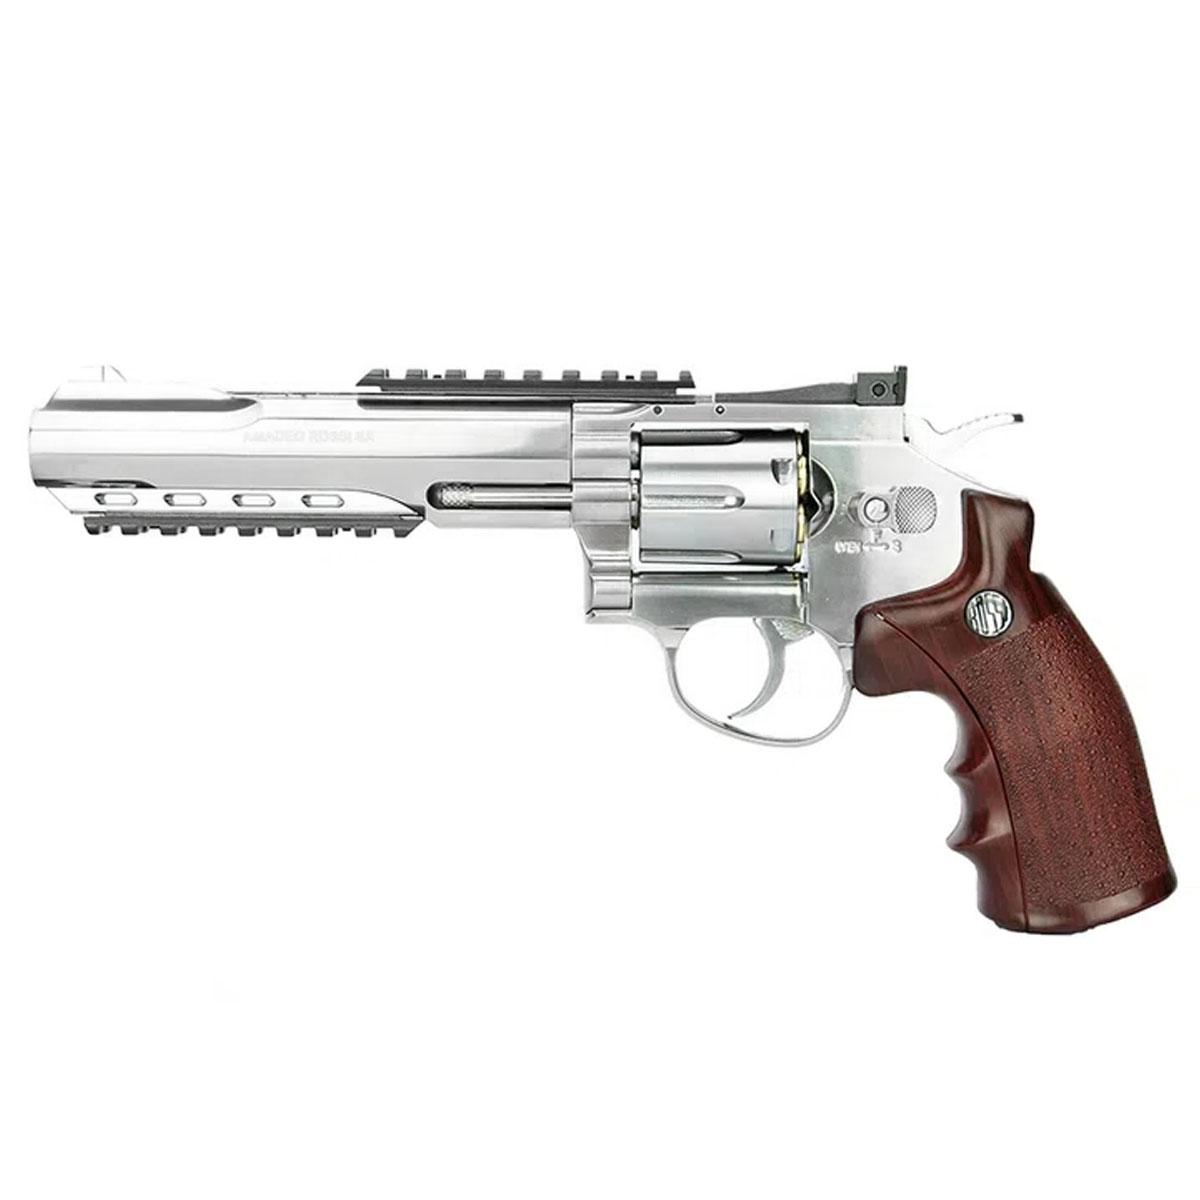 Revolver de Pressão Wingun Rossi W702S a gás Co2 4.5mm